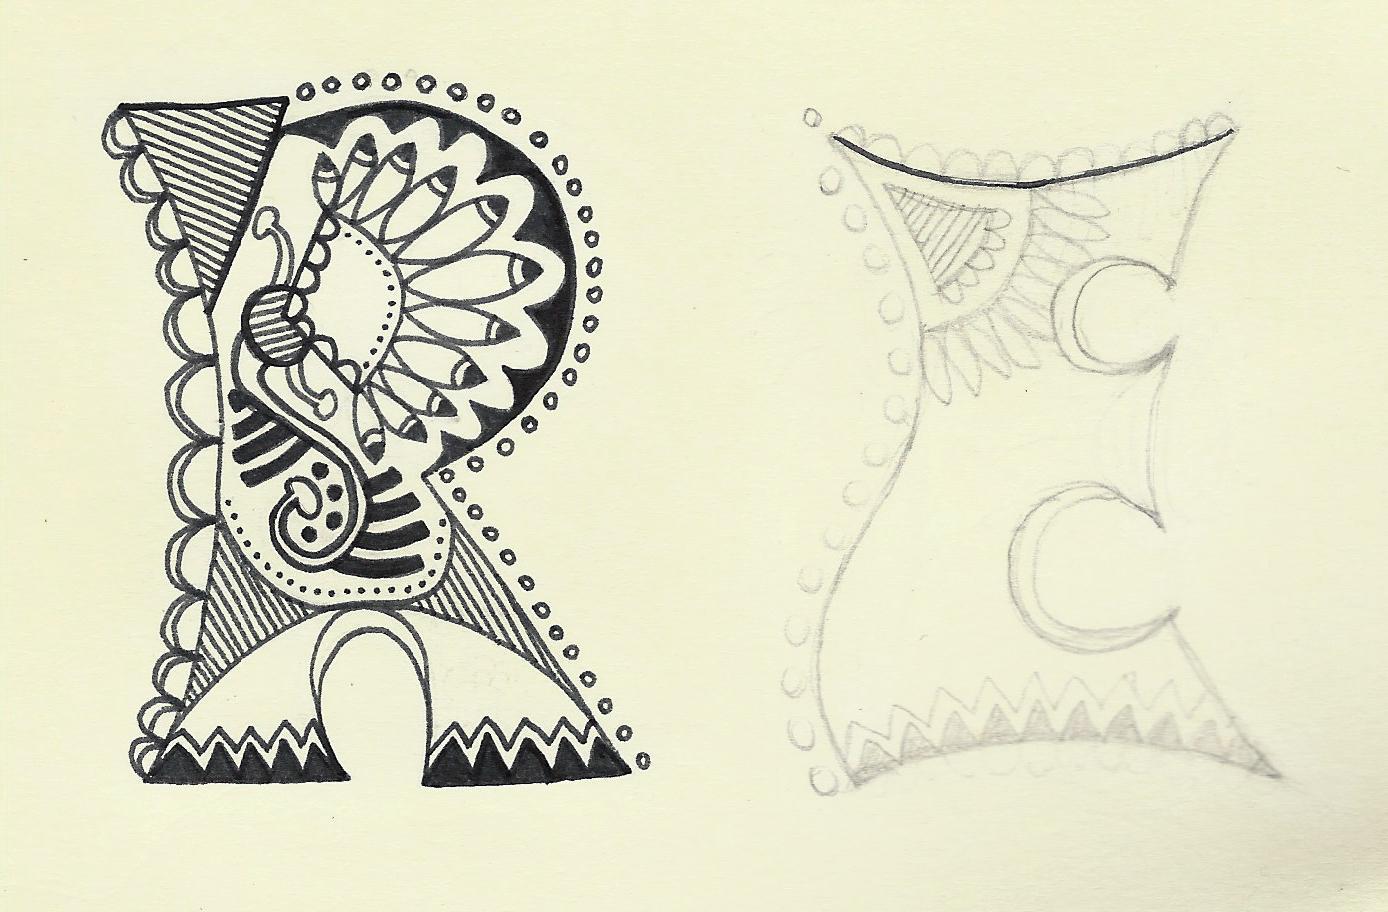 J.Freidt Designs  - image 1 - student project